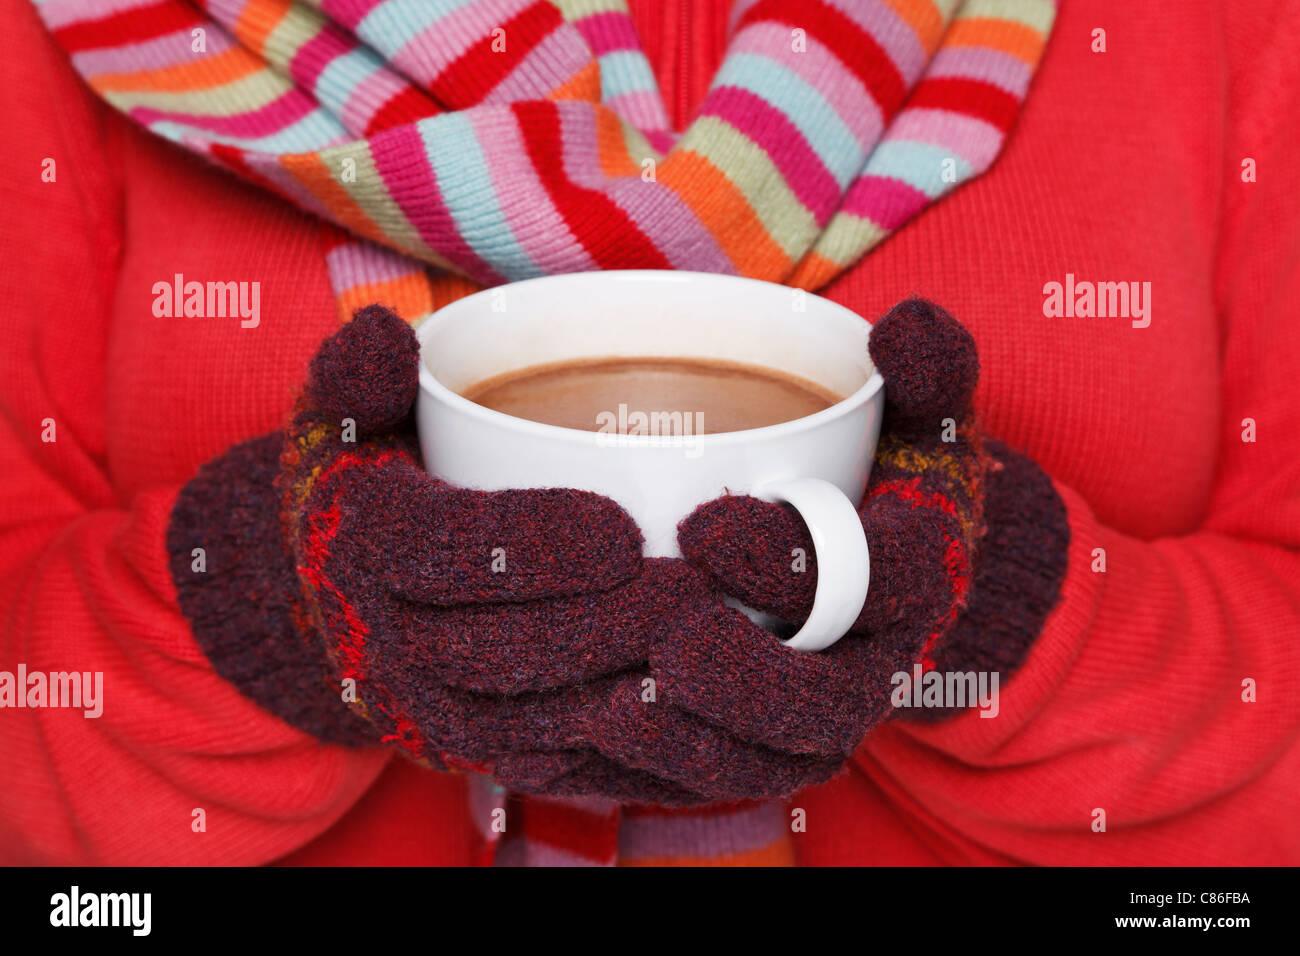 Cerrar el diafragma foto de una mujer vistiendo un puente rojo, guantes de lana y una bufanda sosteniendo una taza Imagen De Stock